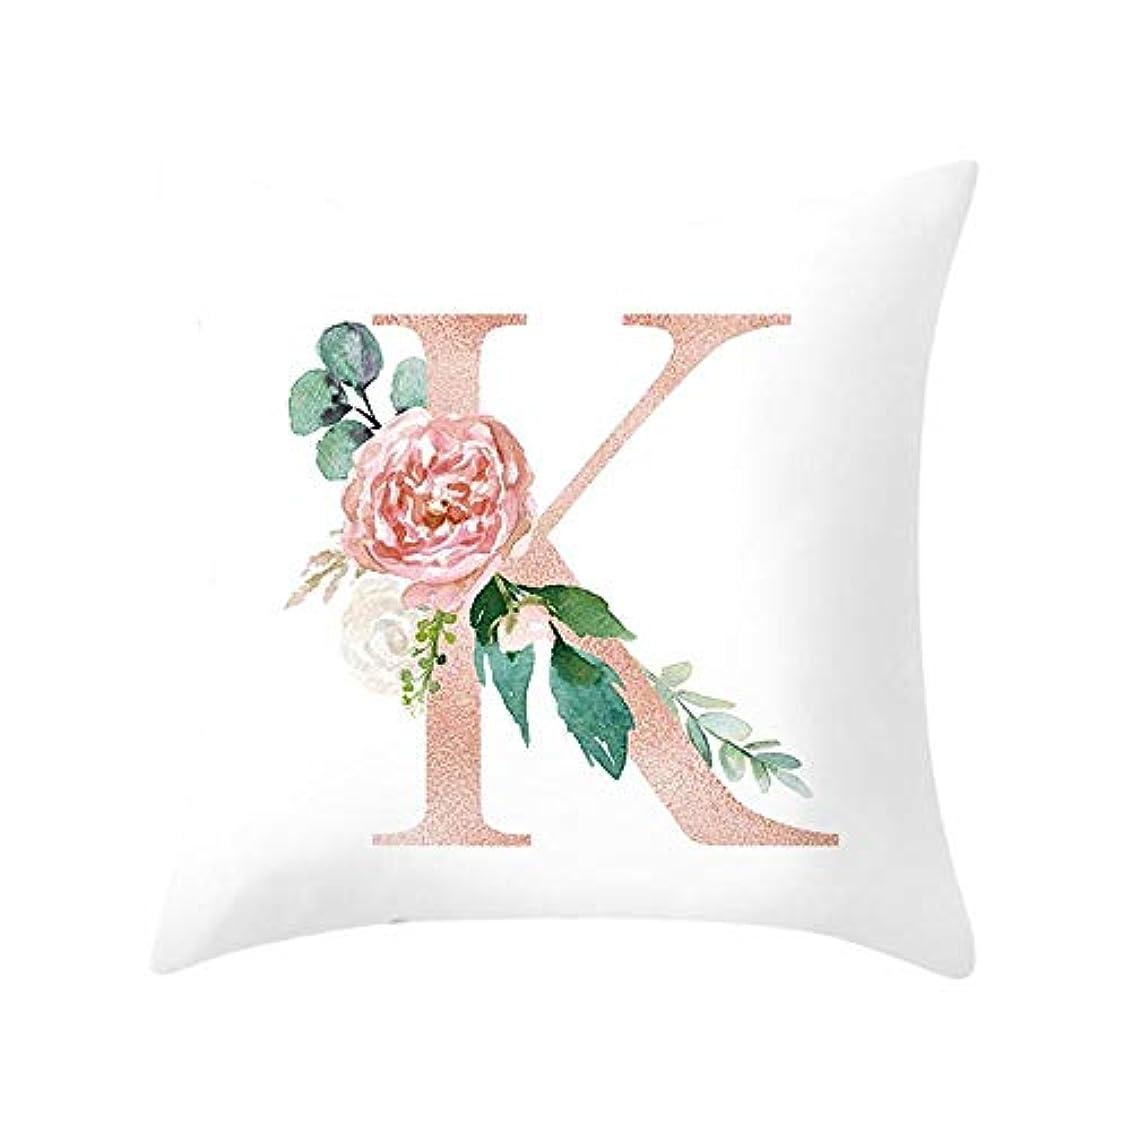 櫛タバコLIFE 装飾クッションソファ手紙枕アルファベットクッション印刷ソファ家の装飾の花枕 coussin decoratif クッション 椅子